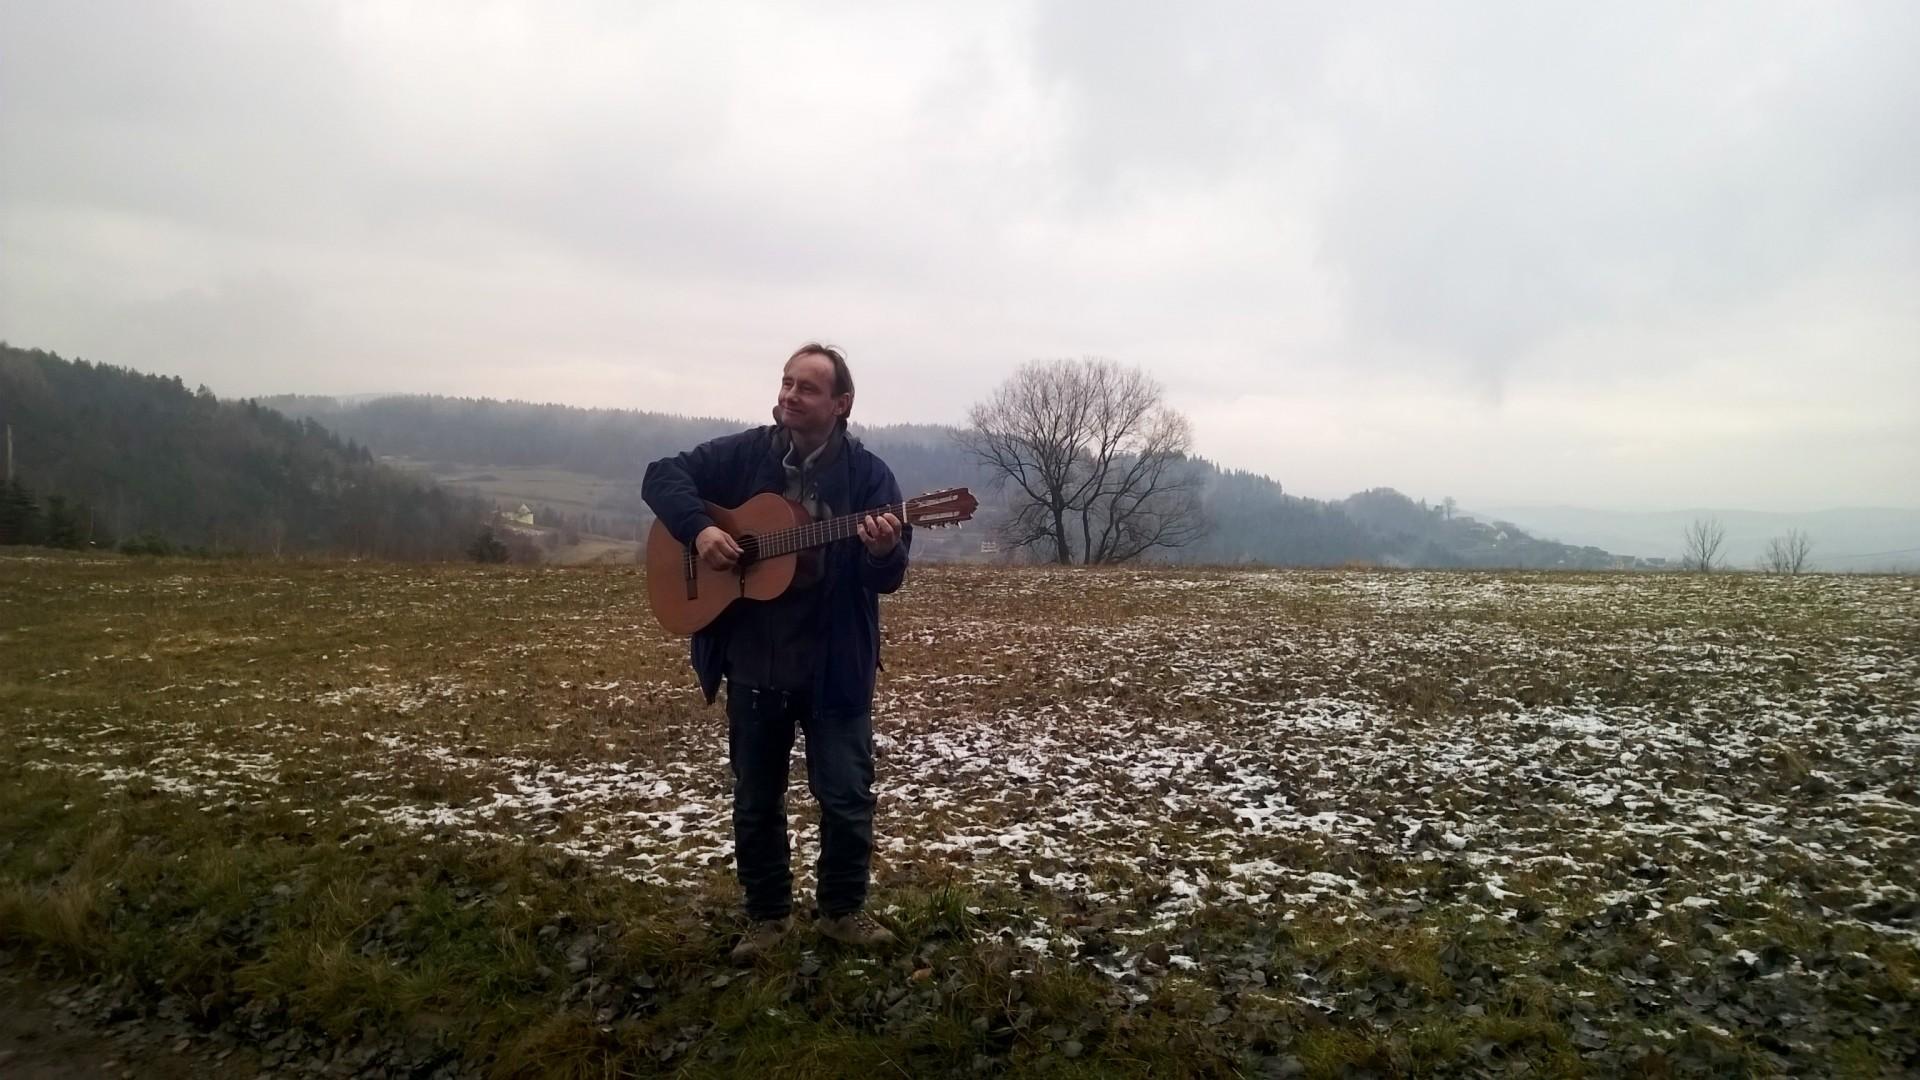 """Radek daje plenerowy koncert ne przełęczy Granice (nad Porębą). Filmik z wykonania utworu """"Hala"""" - poniżej galerii zdjęć."""